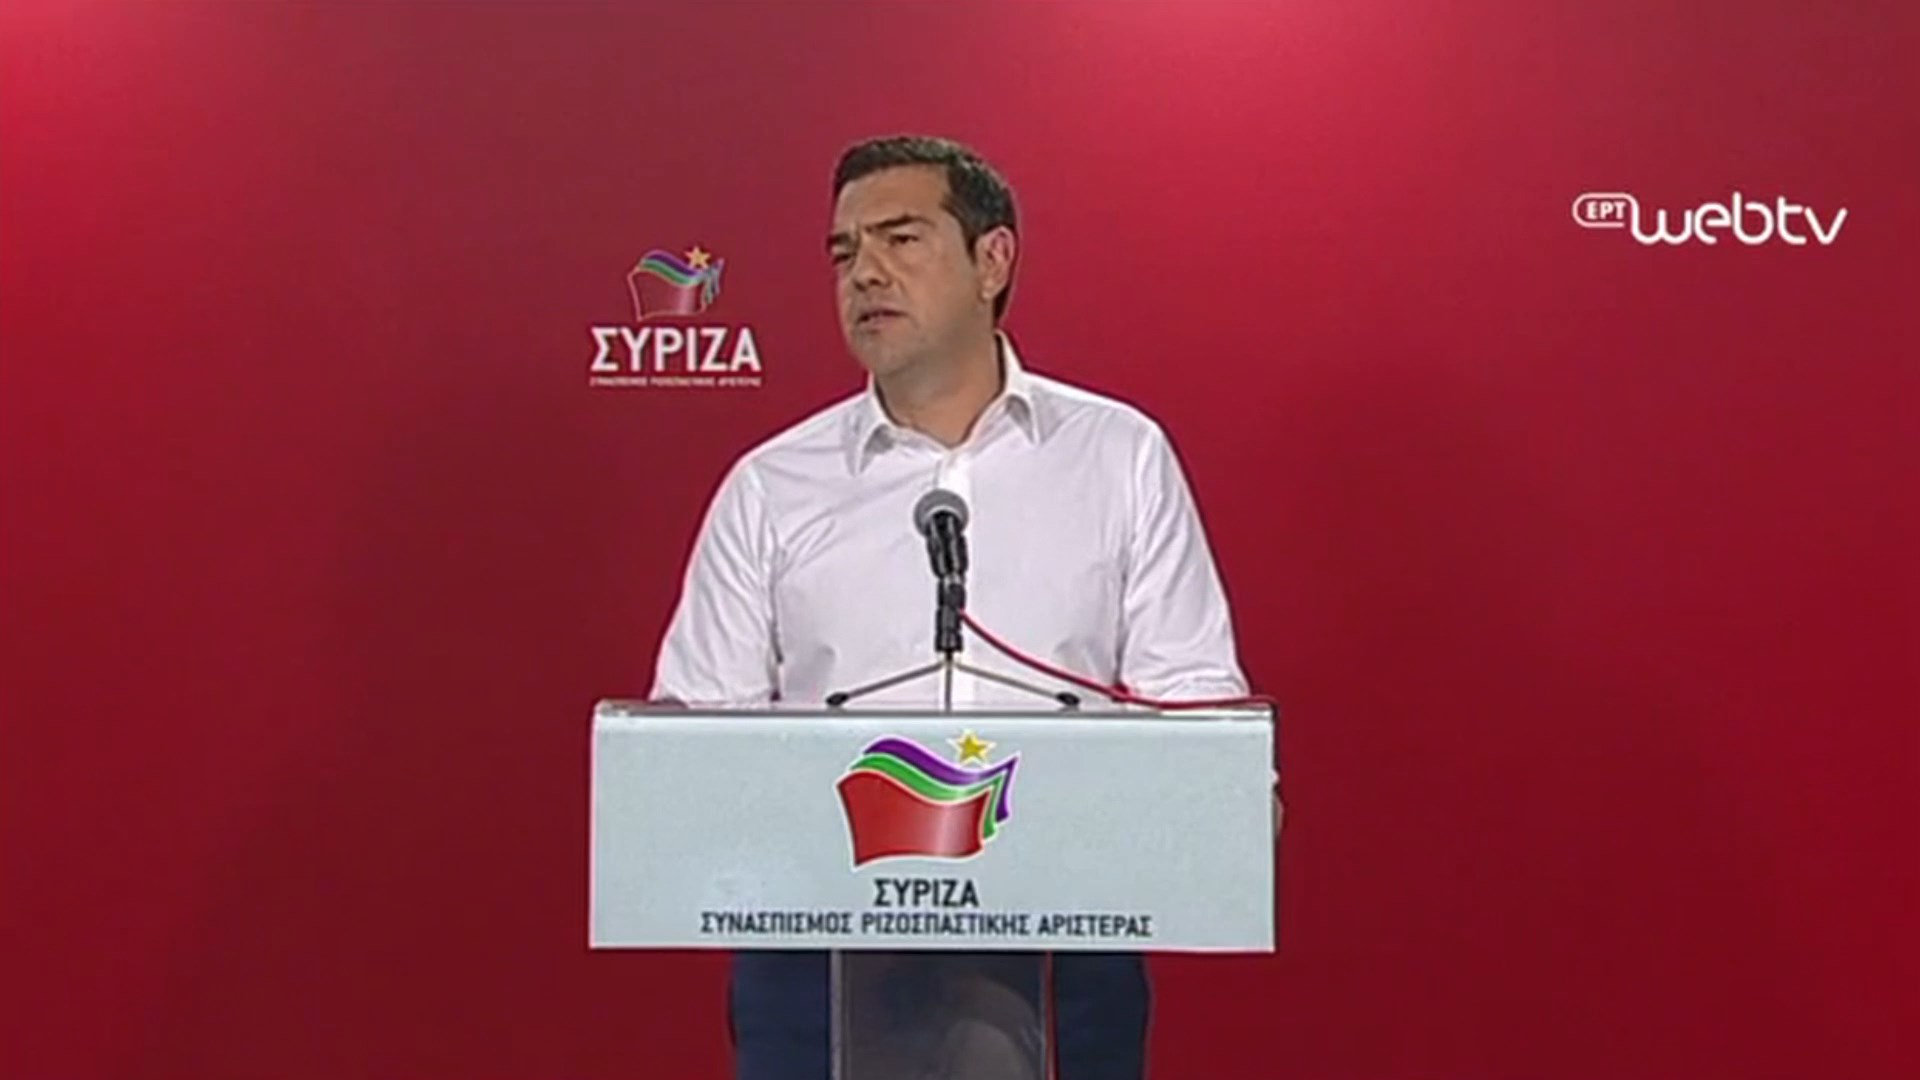 Të dielën Greqia cakton datën e zgjedhjeve të parakohshme në vend